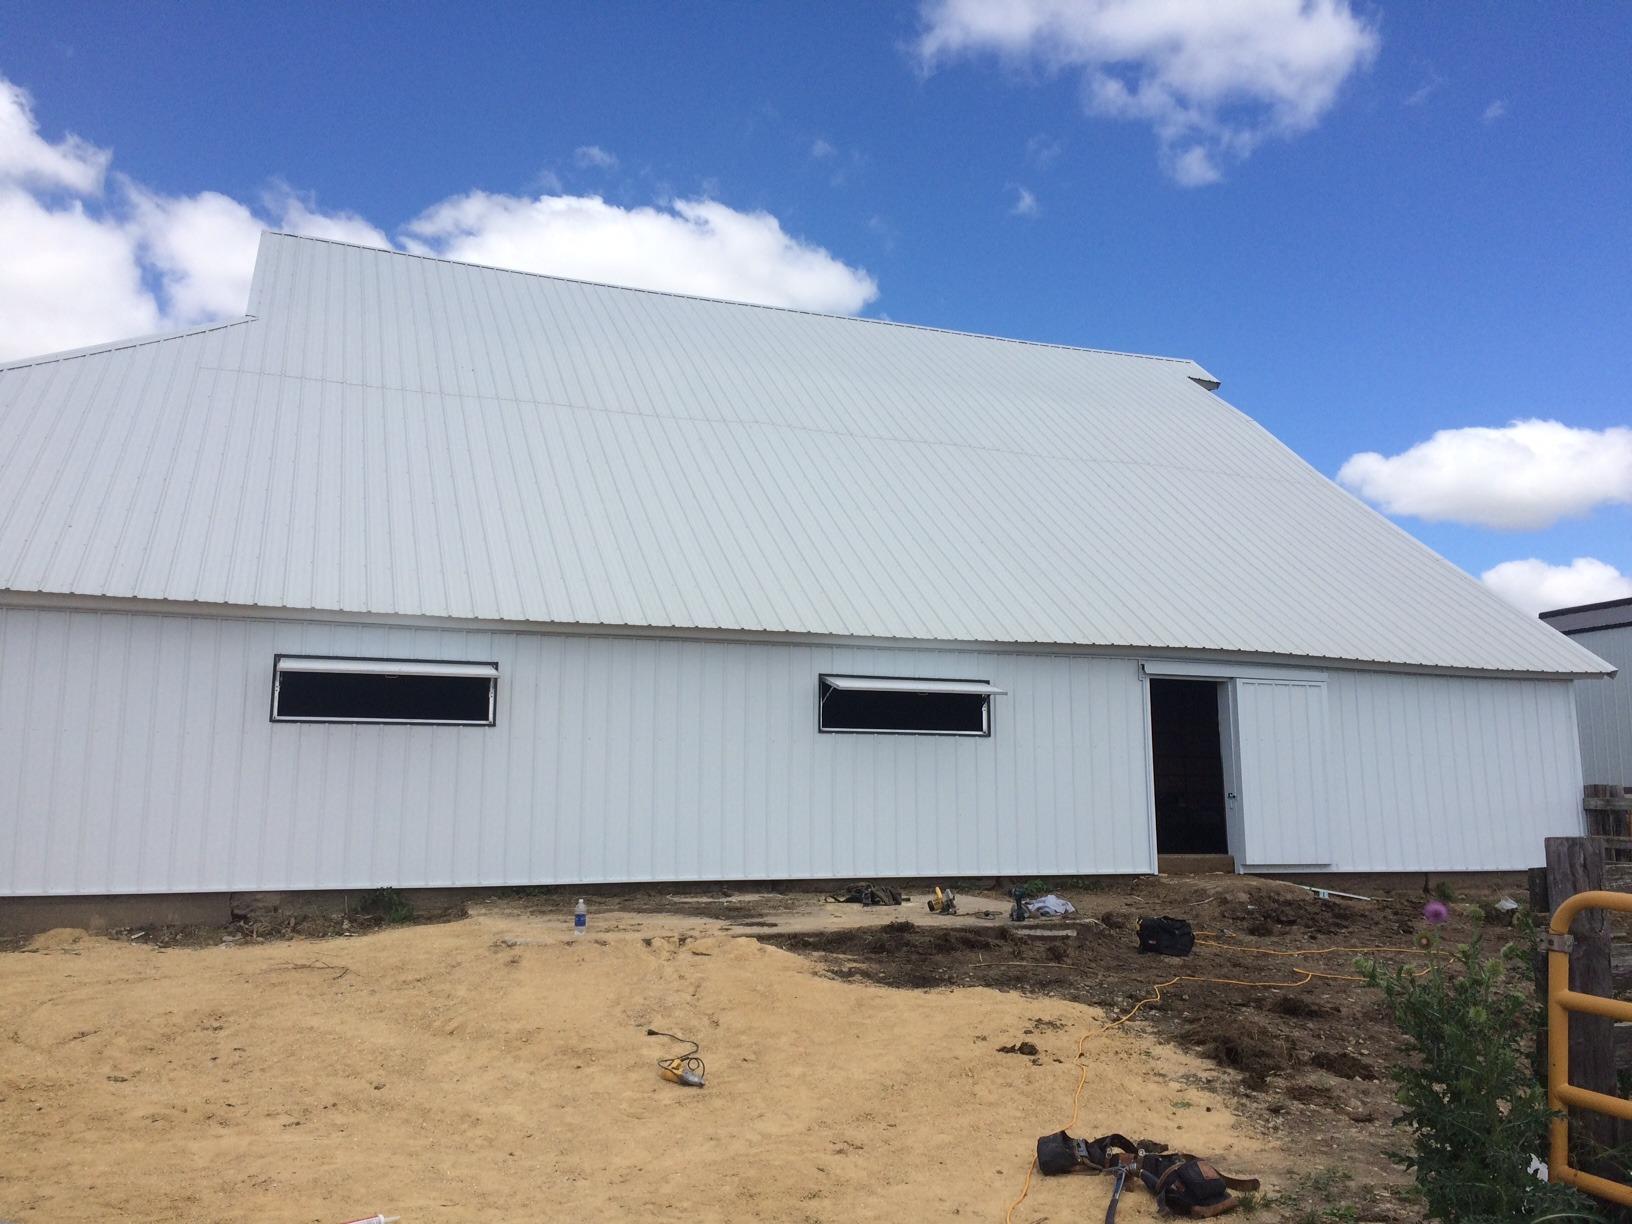 new siding on ag building barn